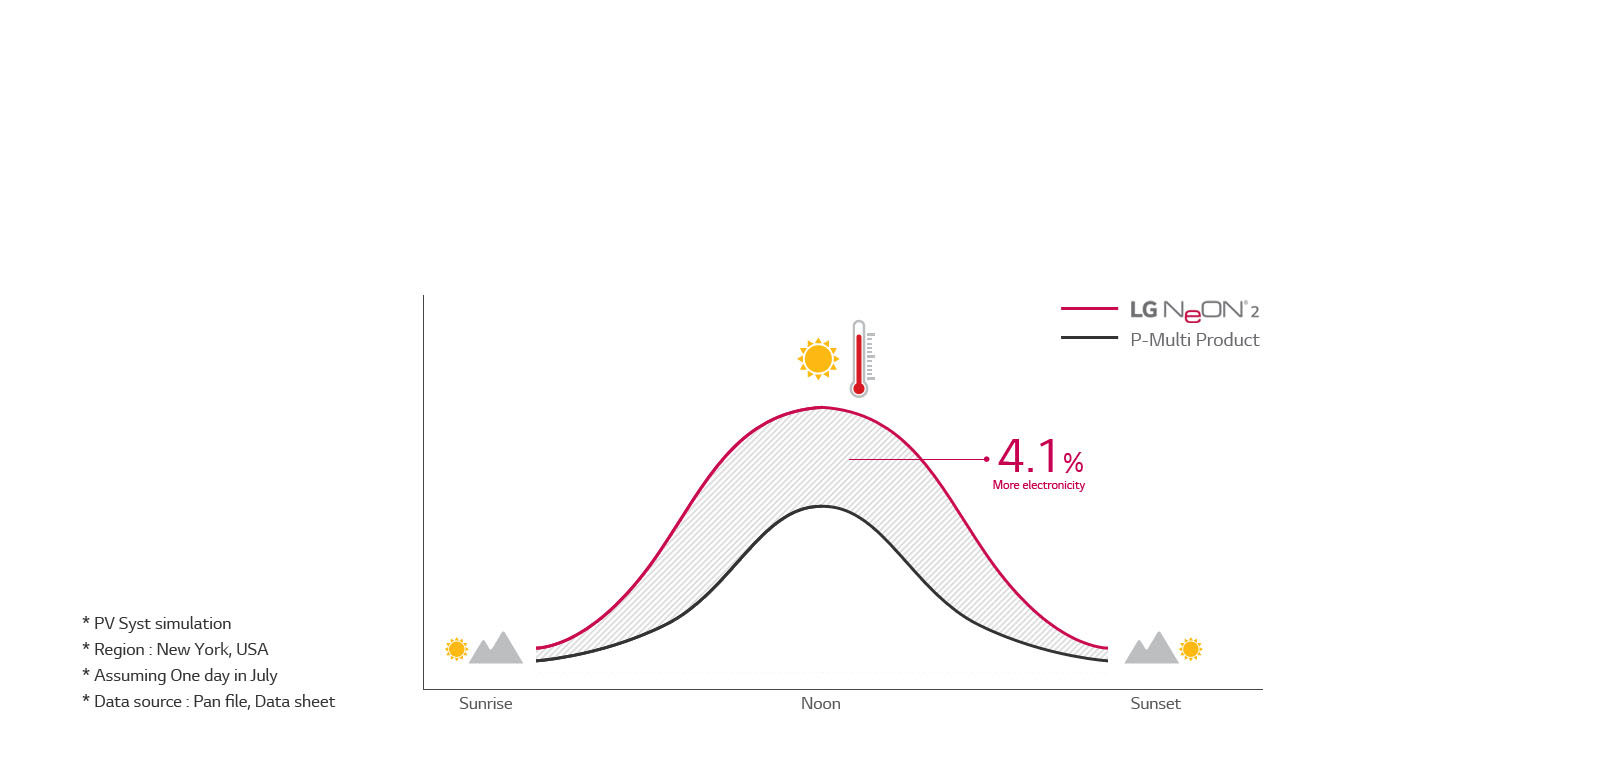 Pin mặt trời LG Neo2 400w có hiệu năng mạnh mẽ trong môi trường phức tạp